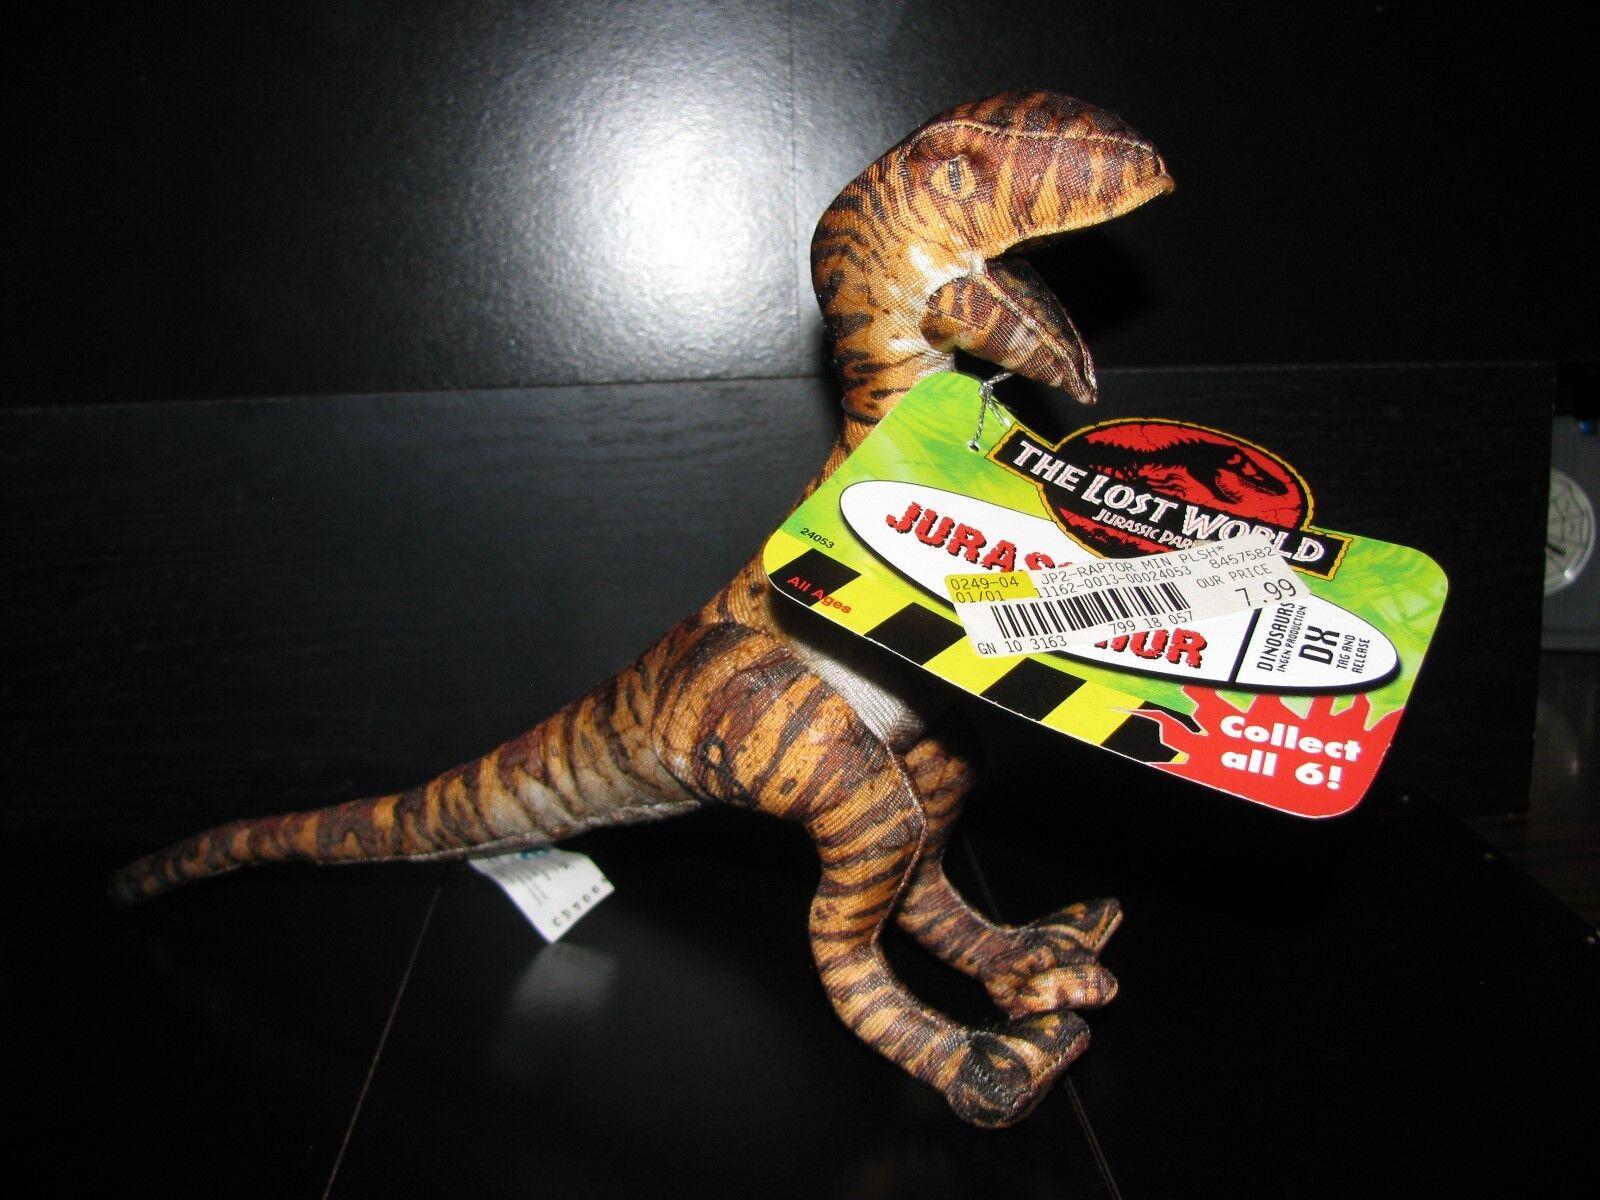 barato Raro-Jurassic Park Perdido Mundo-Raptor Peluche    1997 totalmente totalmente totalmente nuevo con etiquetas     grandes precios de descuento